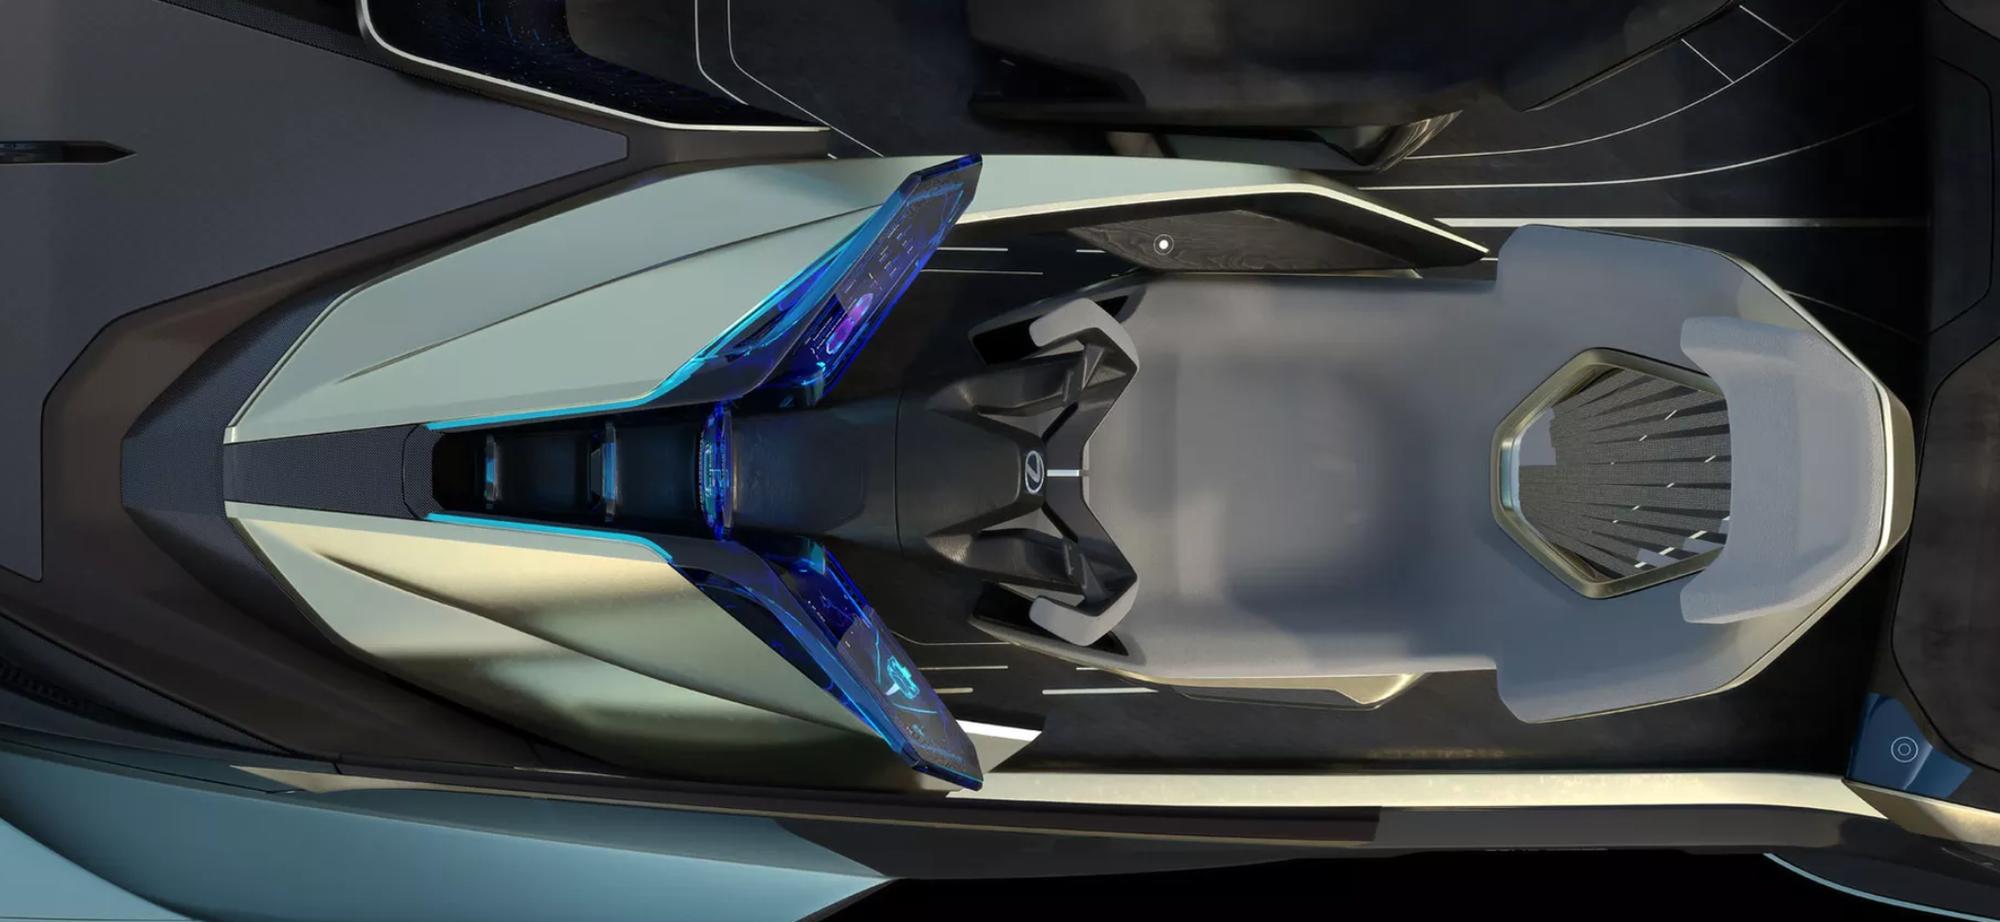 Chiem-nguong-chiec-sieu-xe-chay-dien-100-cua-Lexus-se-ra-mat-trong-nam-2020-3